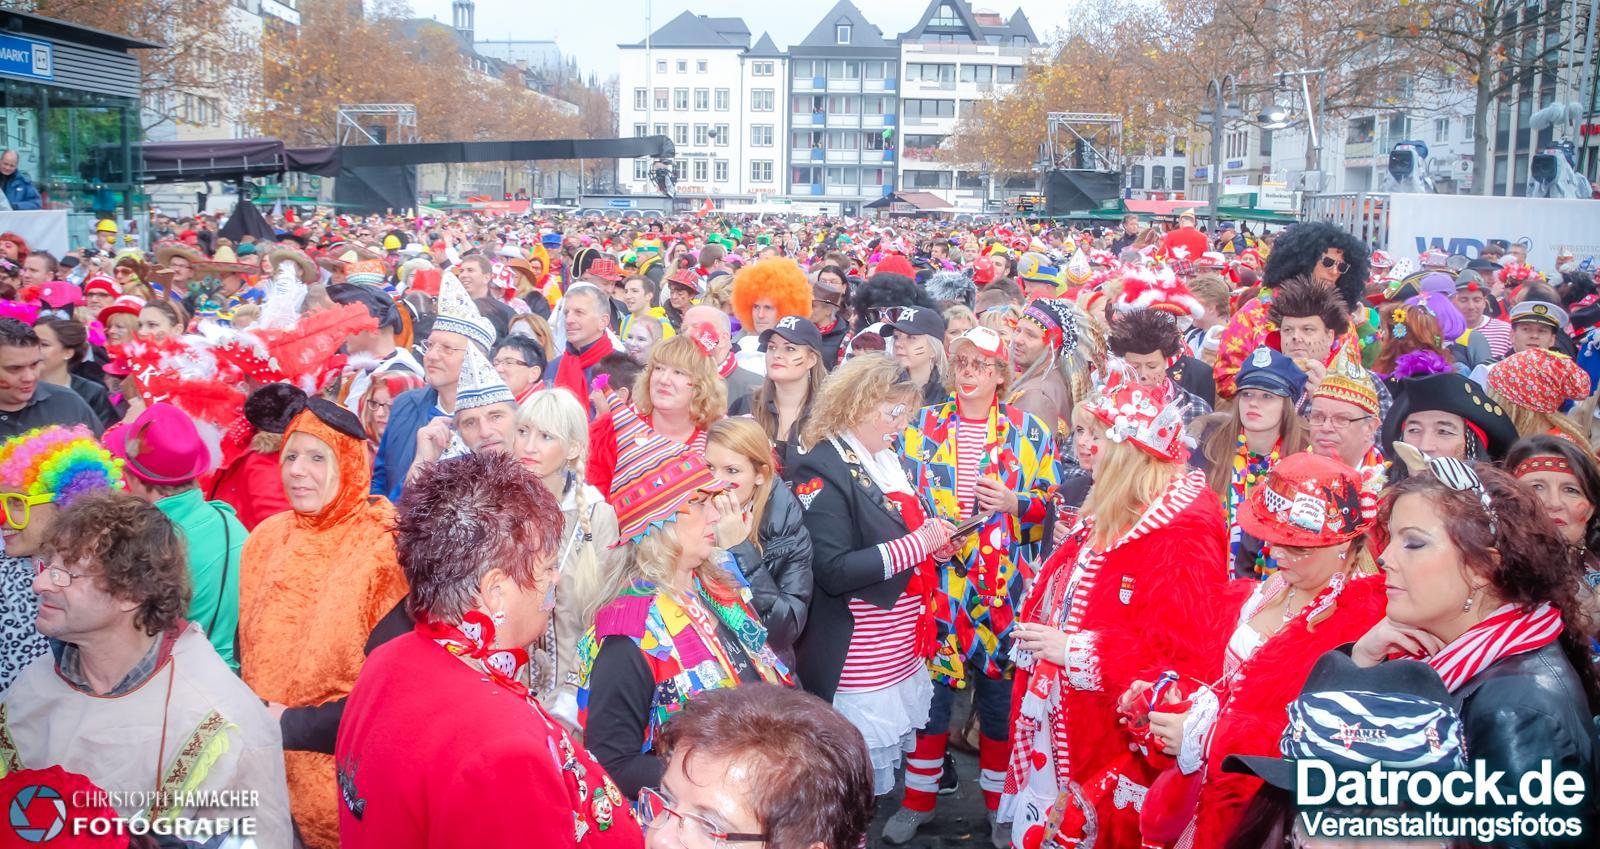 Karneval In Köln | Datrock.de